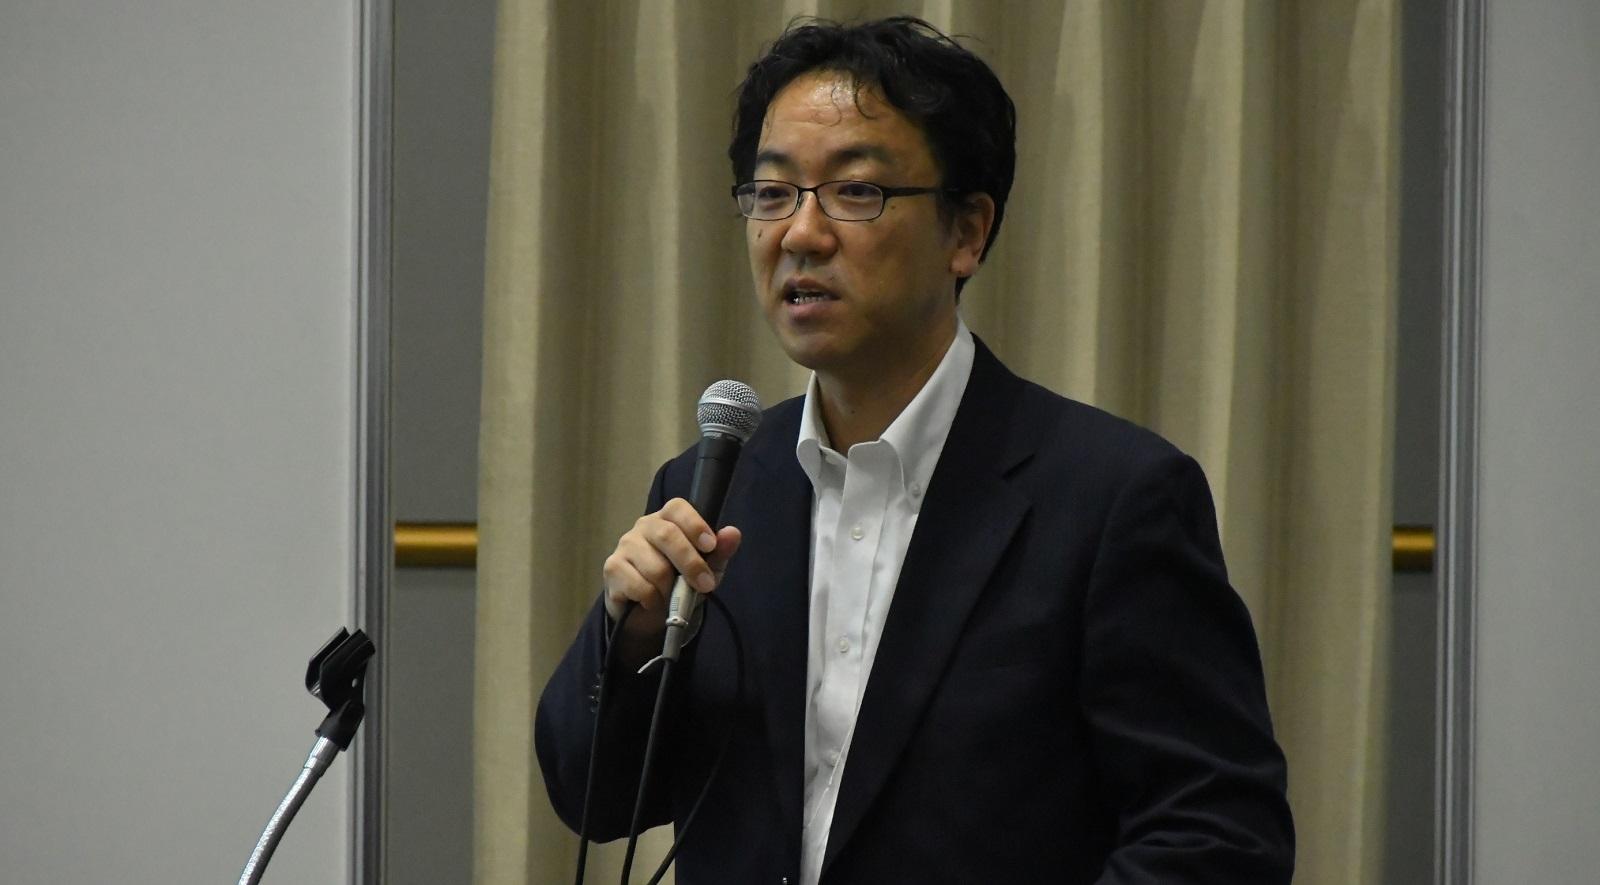 経済産業省の和泉憲明氏 (撮影:渡辺 可緒理)